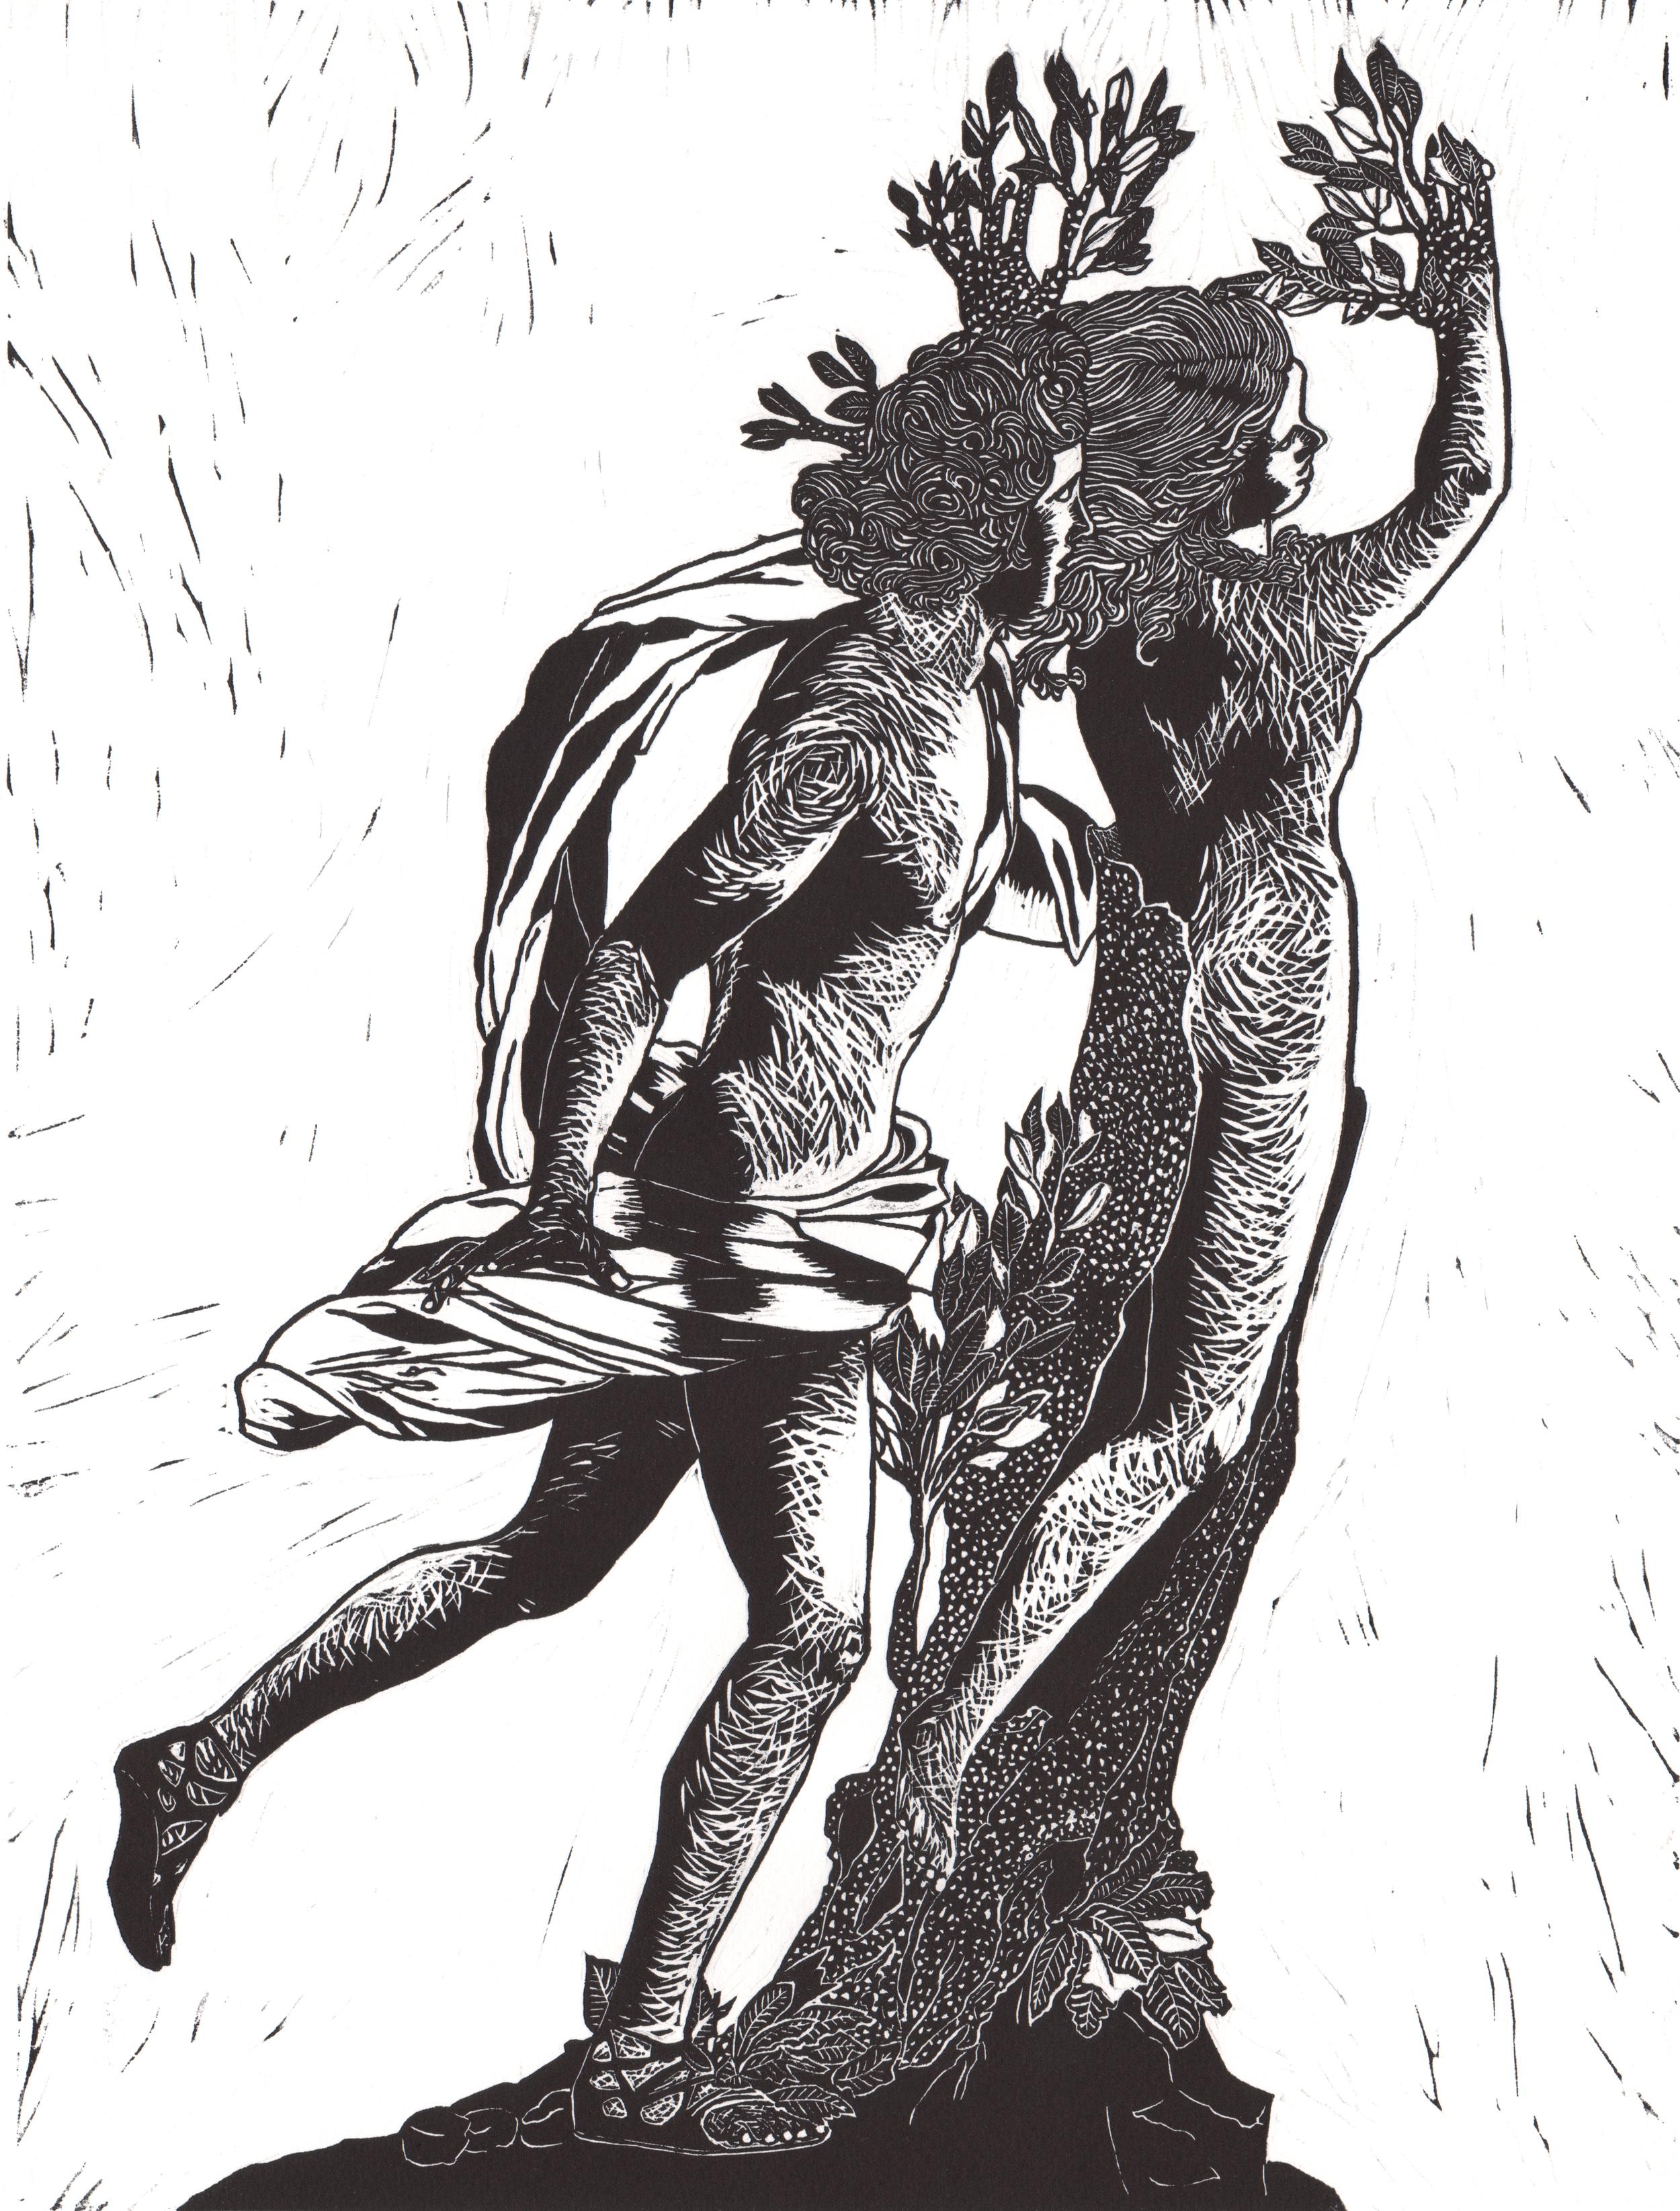 Daphne & Apollo